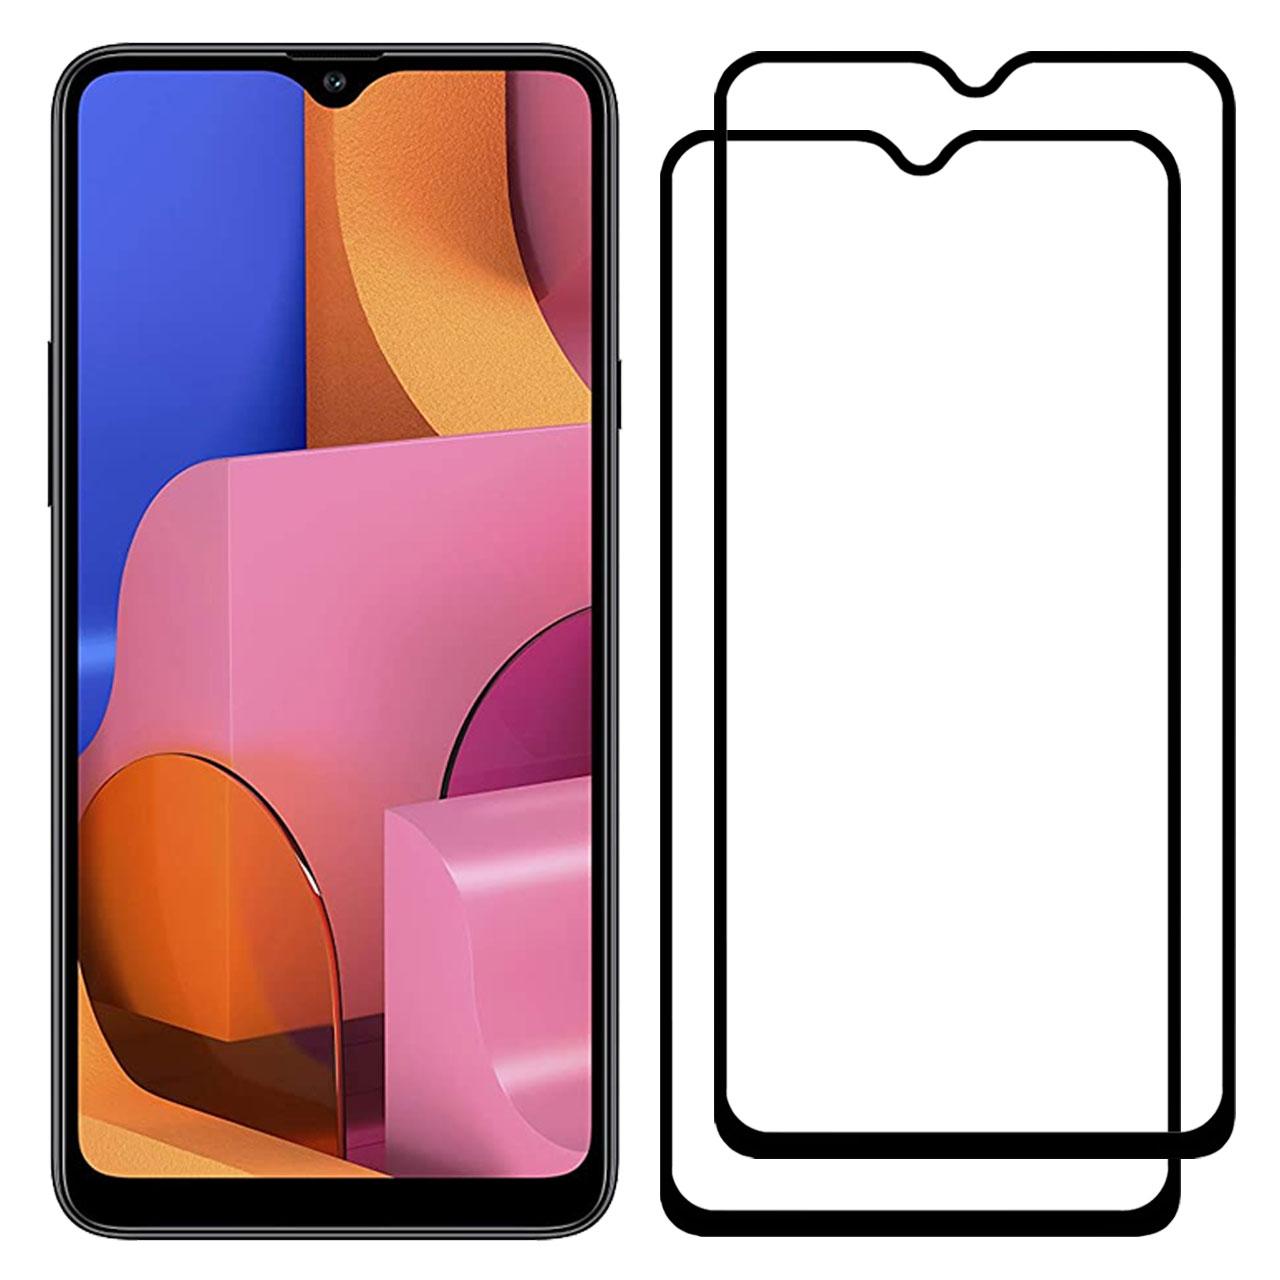 محافظ صفحه نمایش مدل FCG مناسب برای گوشی موبایل سامسونگ Galaxy A20s بسته دو عددی